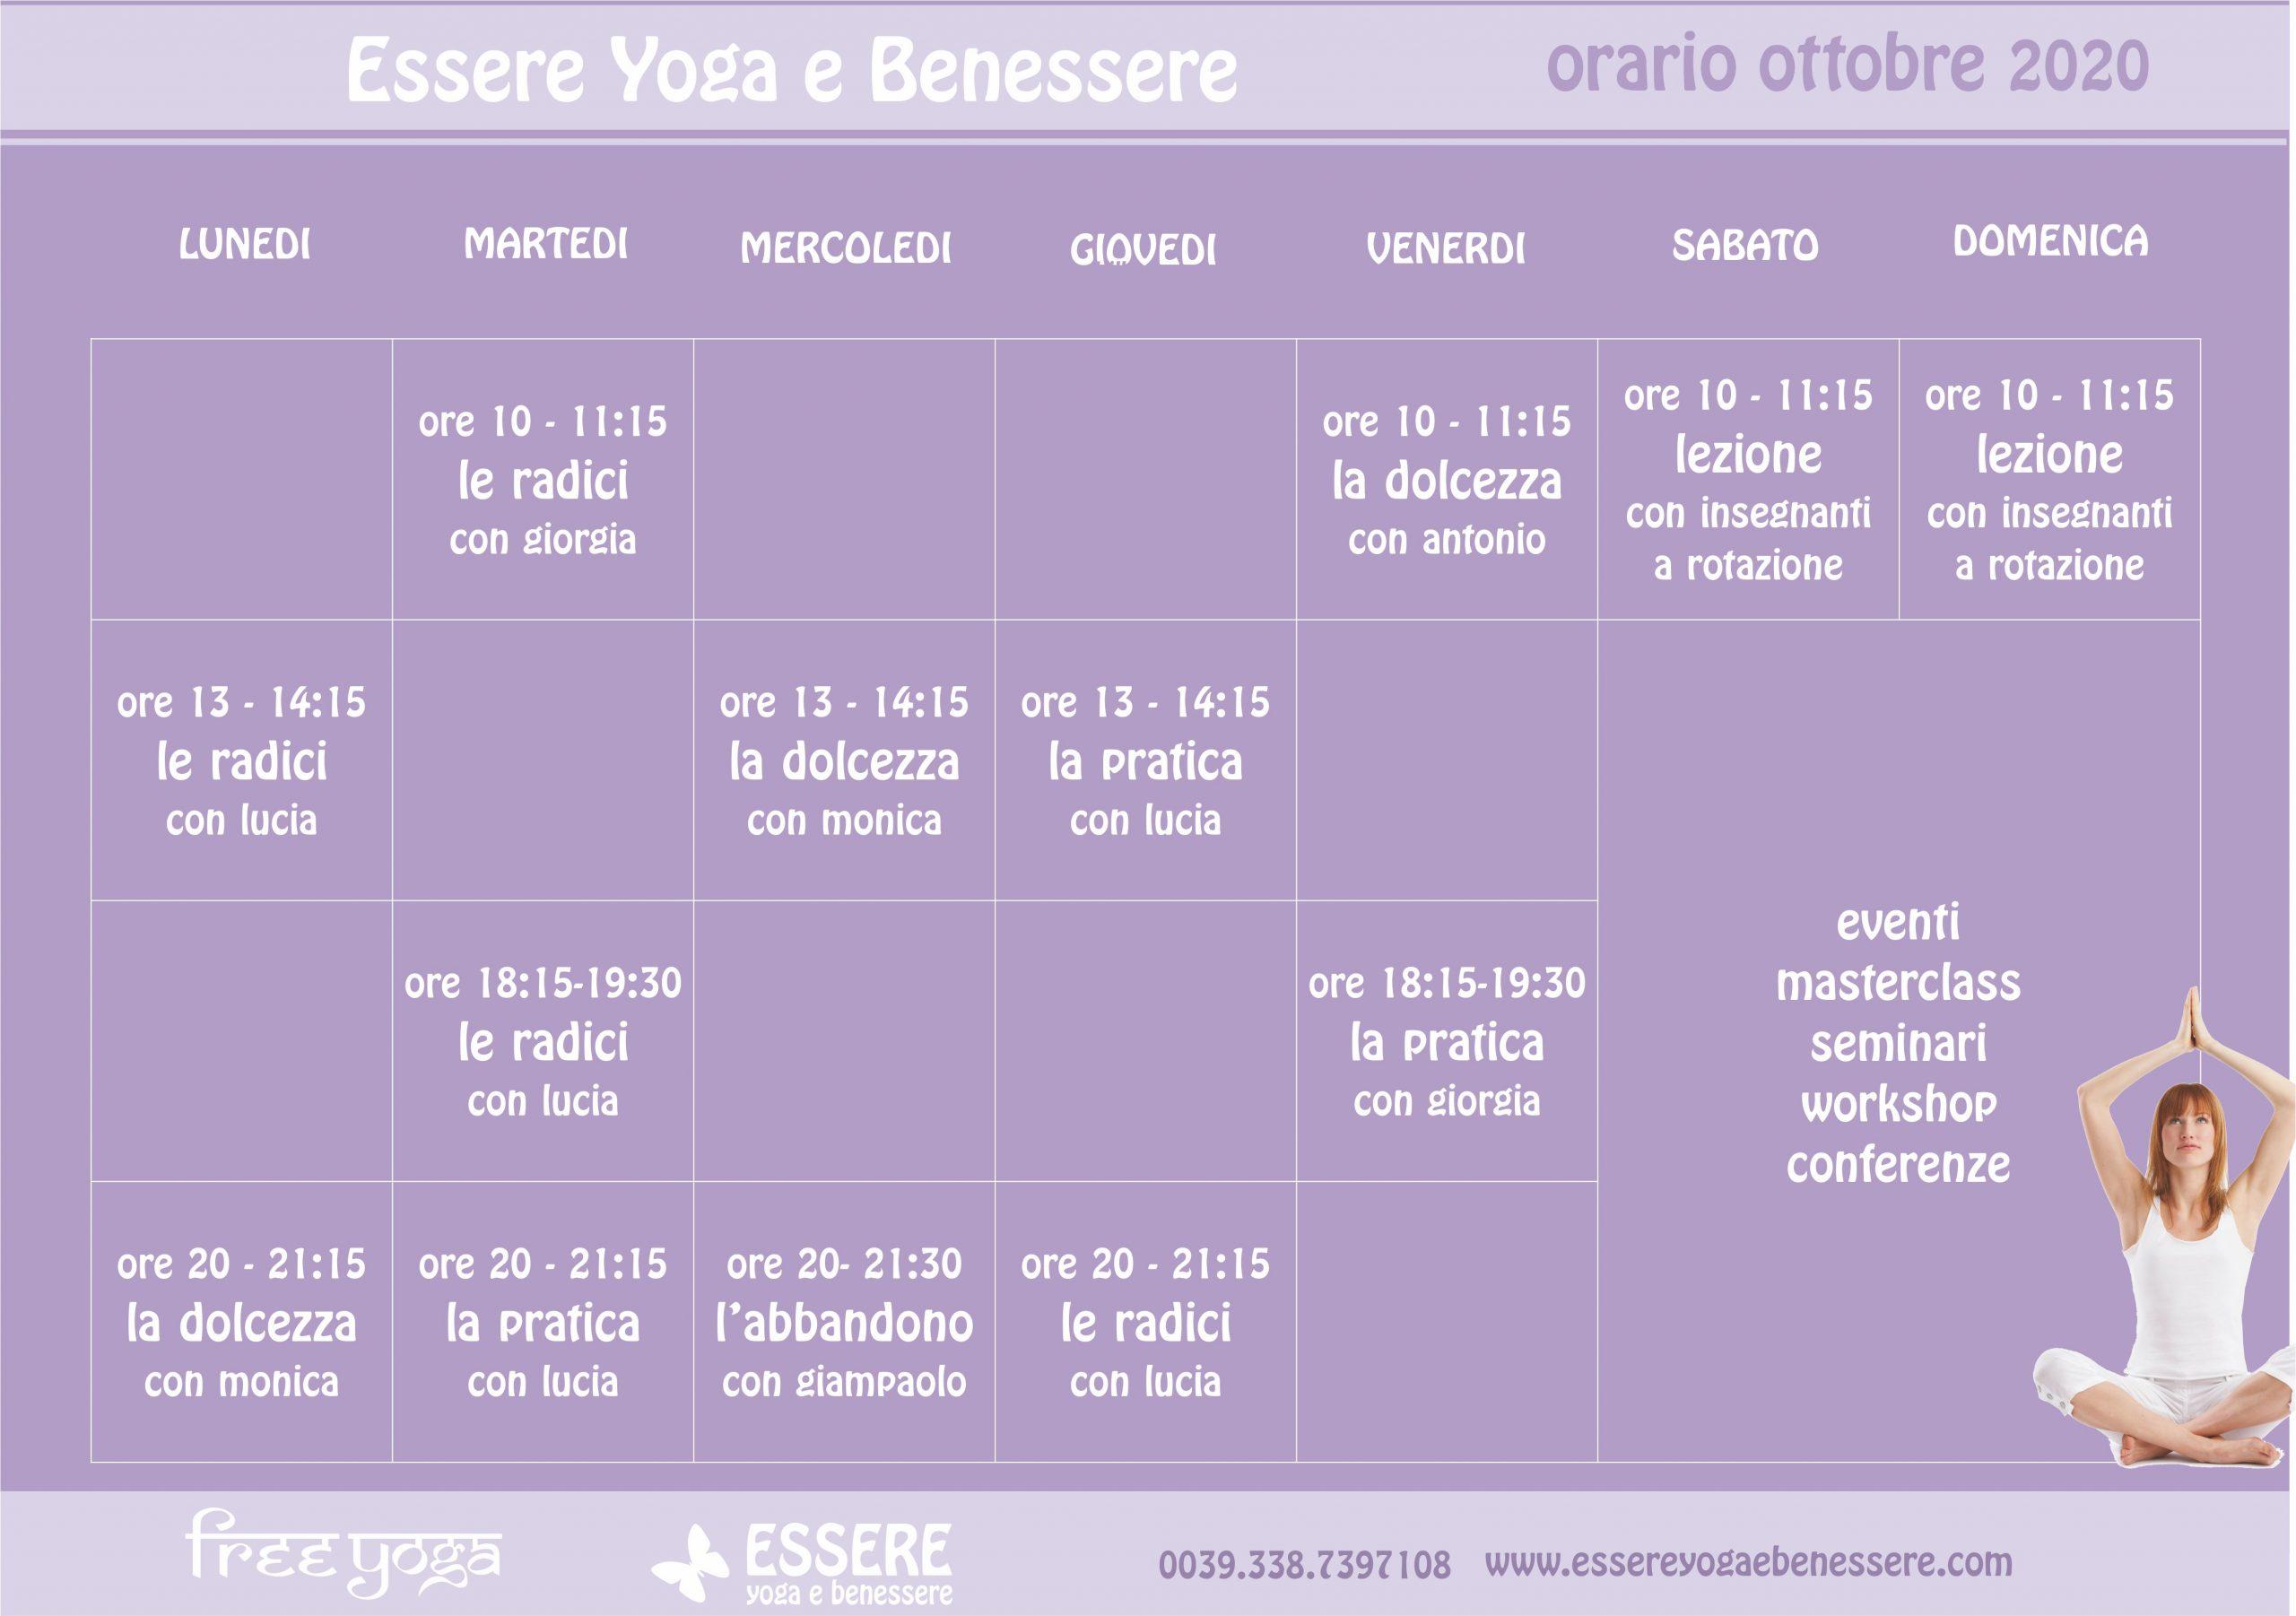 yoga-home-lezioni-live-online-a-casa-orario-ottobre-2020-estate-lucia-ragazzi-essere-benessere-free-gratuito